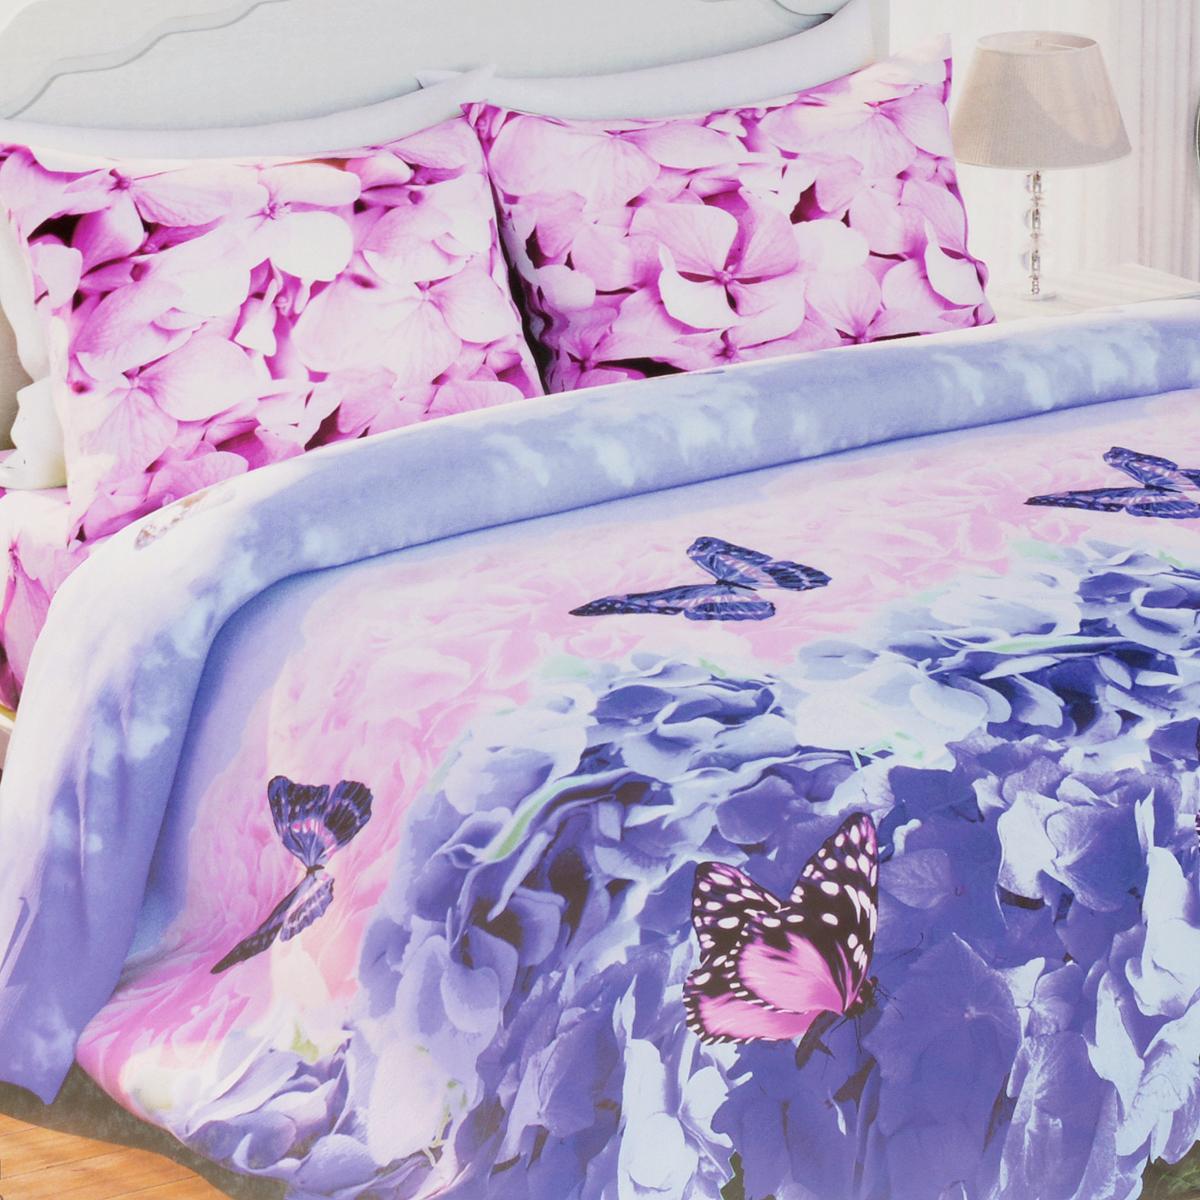 Комплект белья Любимый дом Гортензия, 1,5-спальный, наволочки 70х70281644Комплект постельного белья Любимый дом Гортензия состоит из пододеяльника, простыни и двух наволочек. Дизайн - цветки гортензии, бабочки. Белье изготовлено из новой ткани Биокомфорт, отвечающей всем необходимым нормативным стандартам. Биокомфорт - это ткань полотняного переплетения, из экологически чистого и натурального 100% хлопка. Неоспоримым плюсом белья из такой ткани является мягкость и легкость, она прекрасно пропускает воздух, приятна на ощупь, не образует катышков на поверхности и за ней легко ухаживать. При соблюдении рекомендаций по уходу, это белье выдерживает много стирок, не линяет и не теряет свою первоначальную прочность. Уникальная ткань обеспечивает легкую глажку.